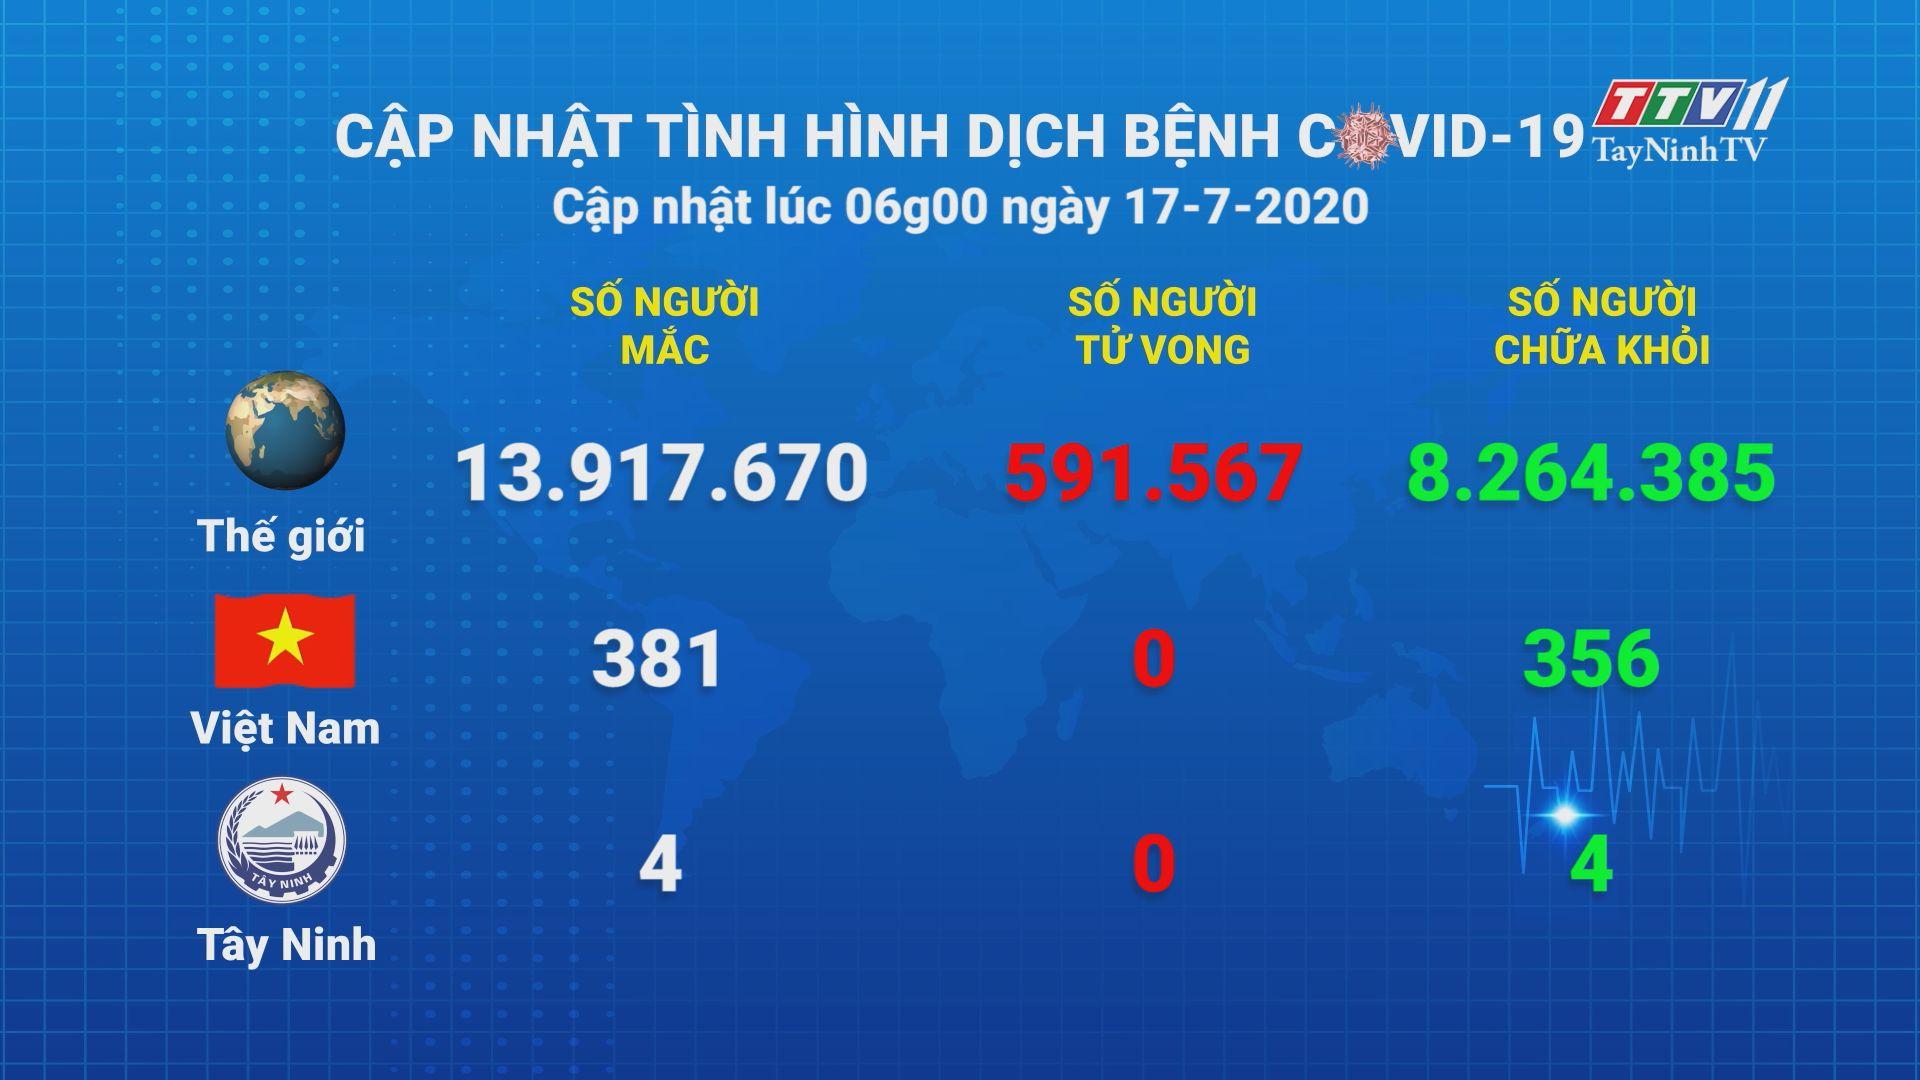 Cập nhật tình hình Covid-19 vào lúc 06 giờ 17-7-2020 | Thông tin dịch Covid-19 | TayNinhTV